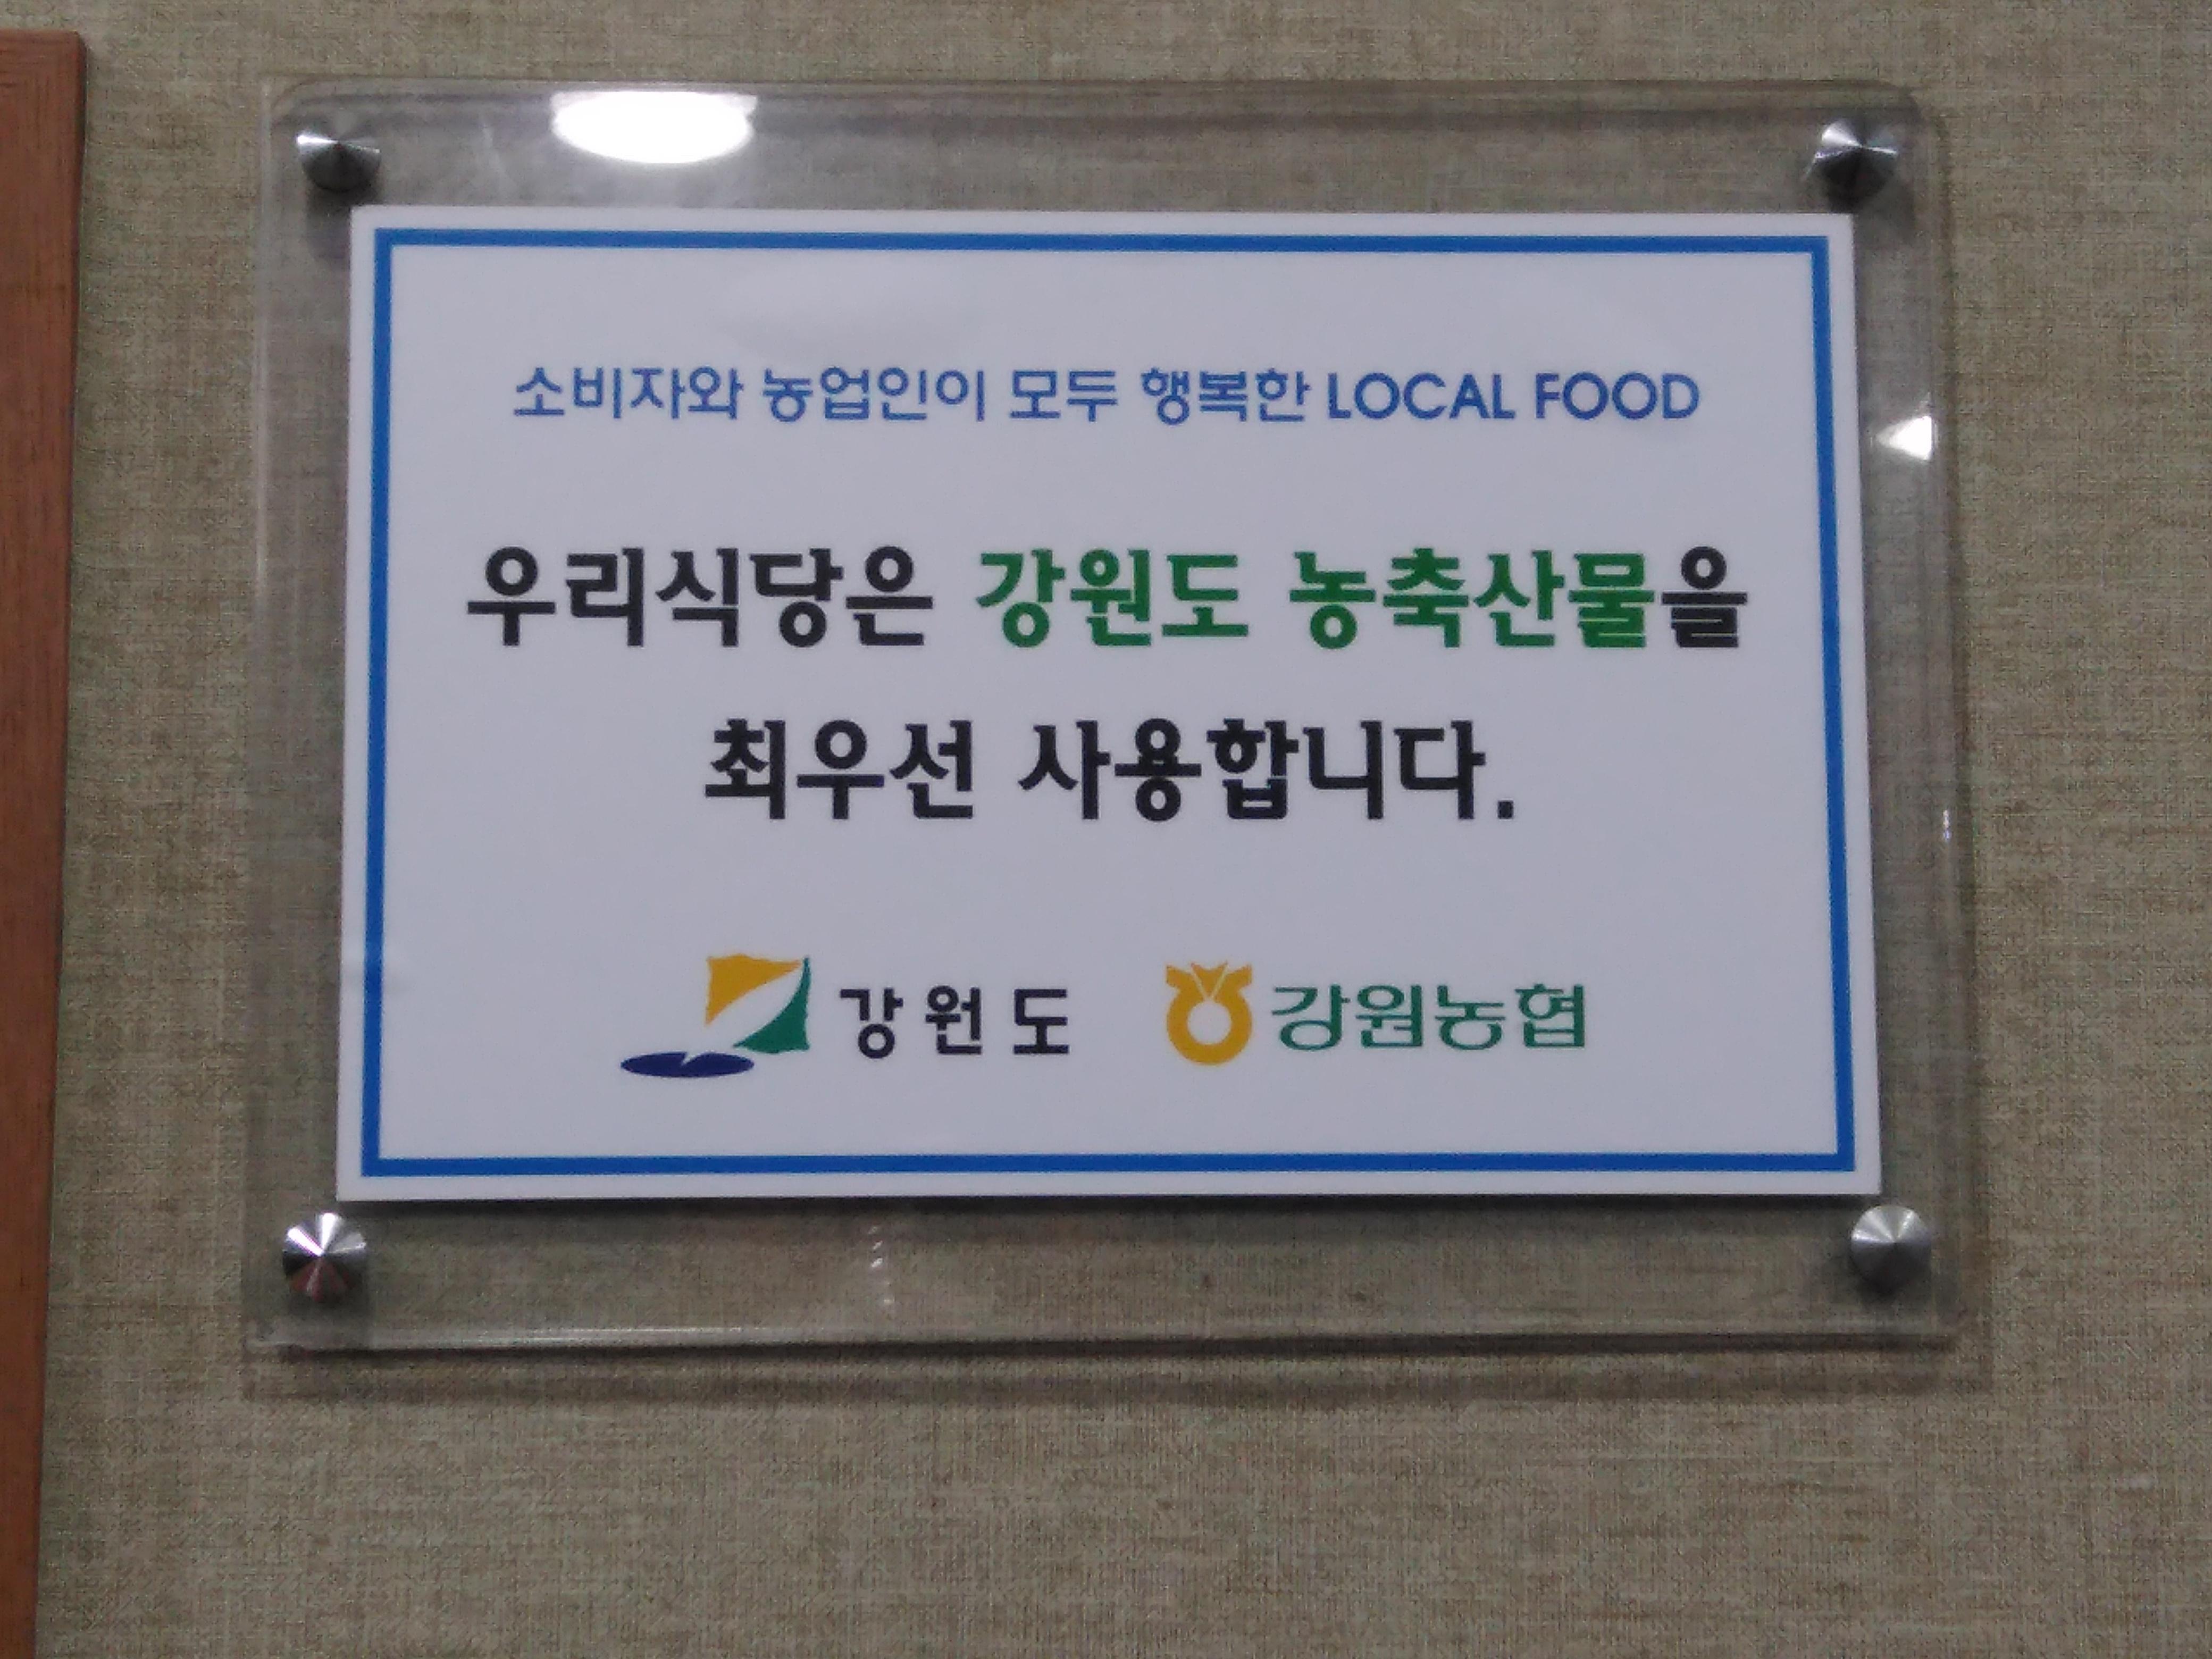 소비자와 농업인이 모두 행복한 LOCAL FOOD